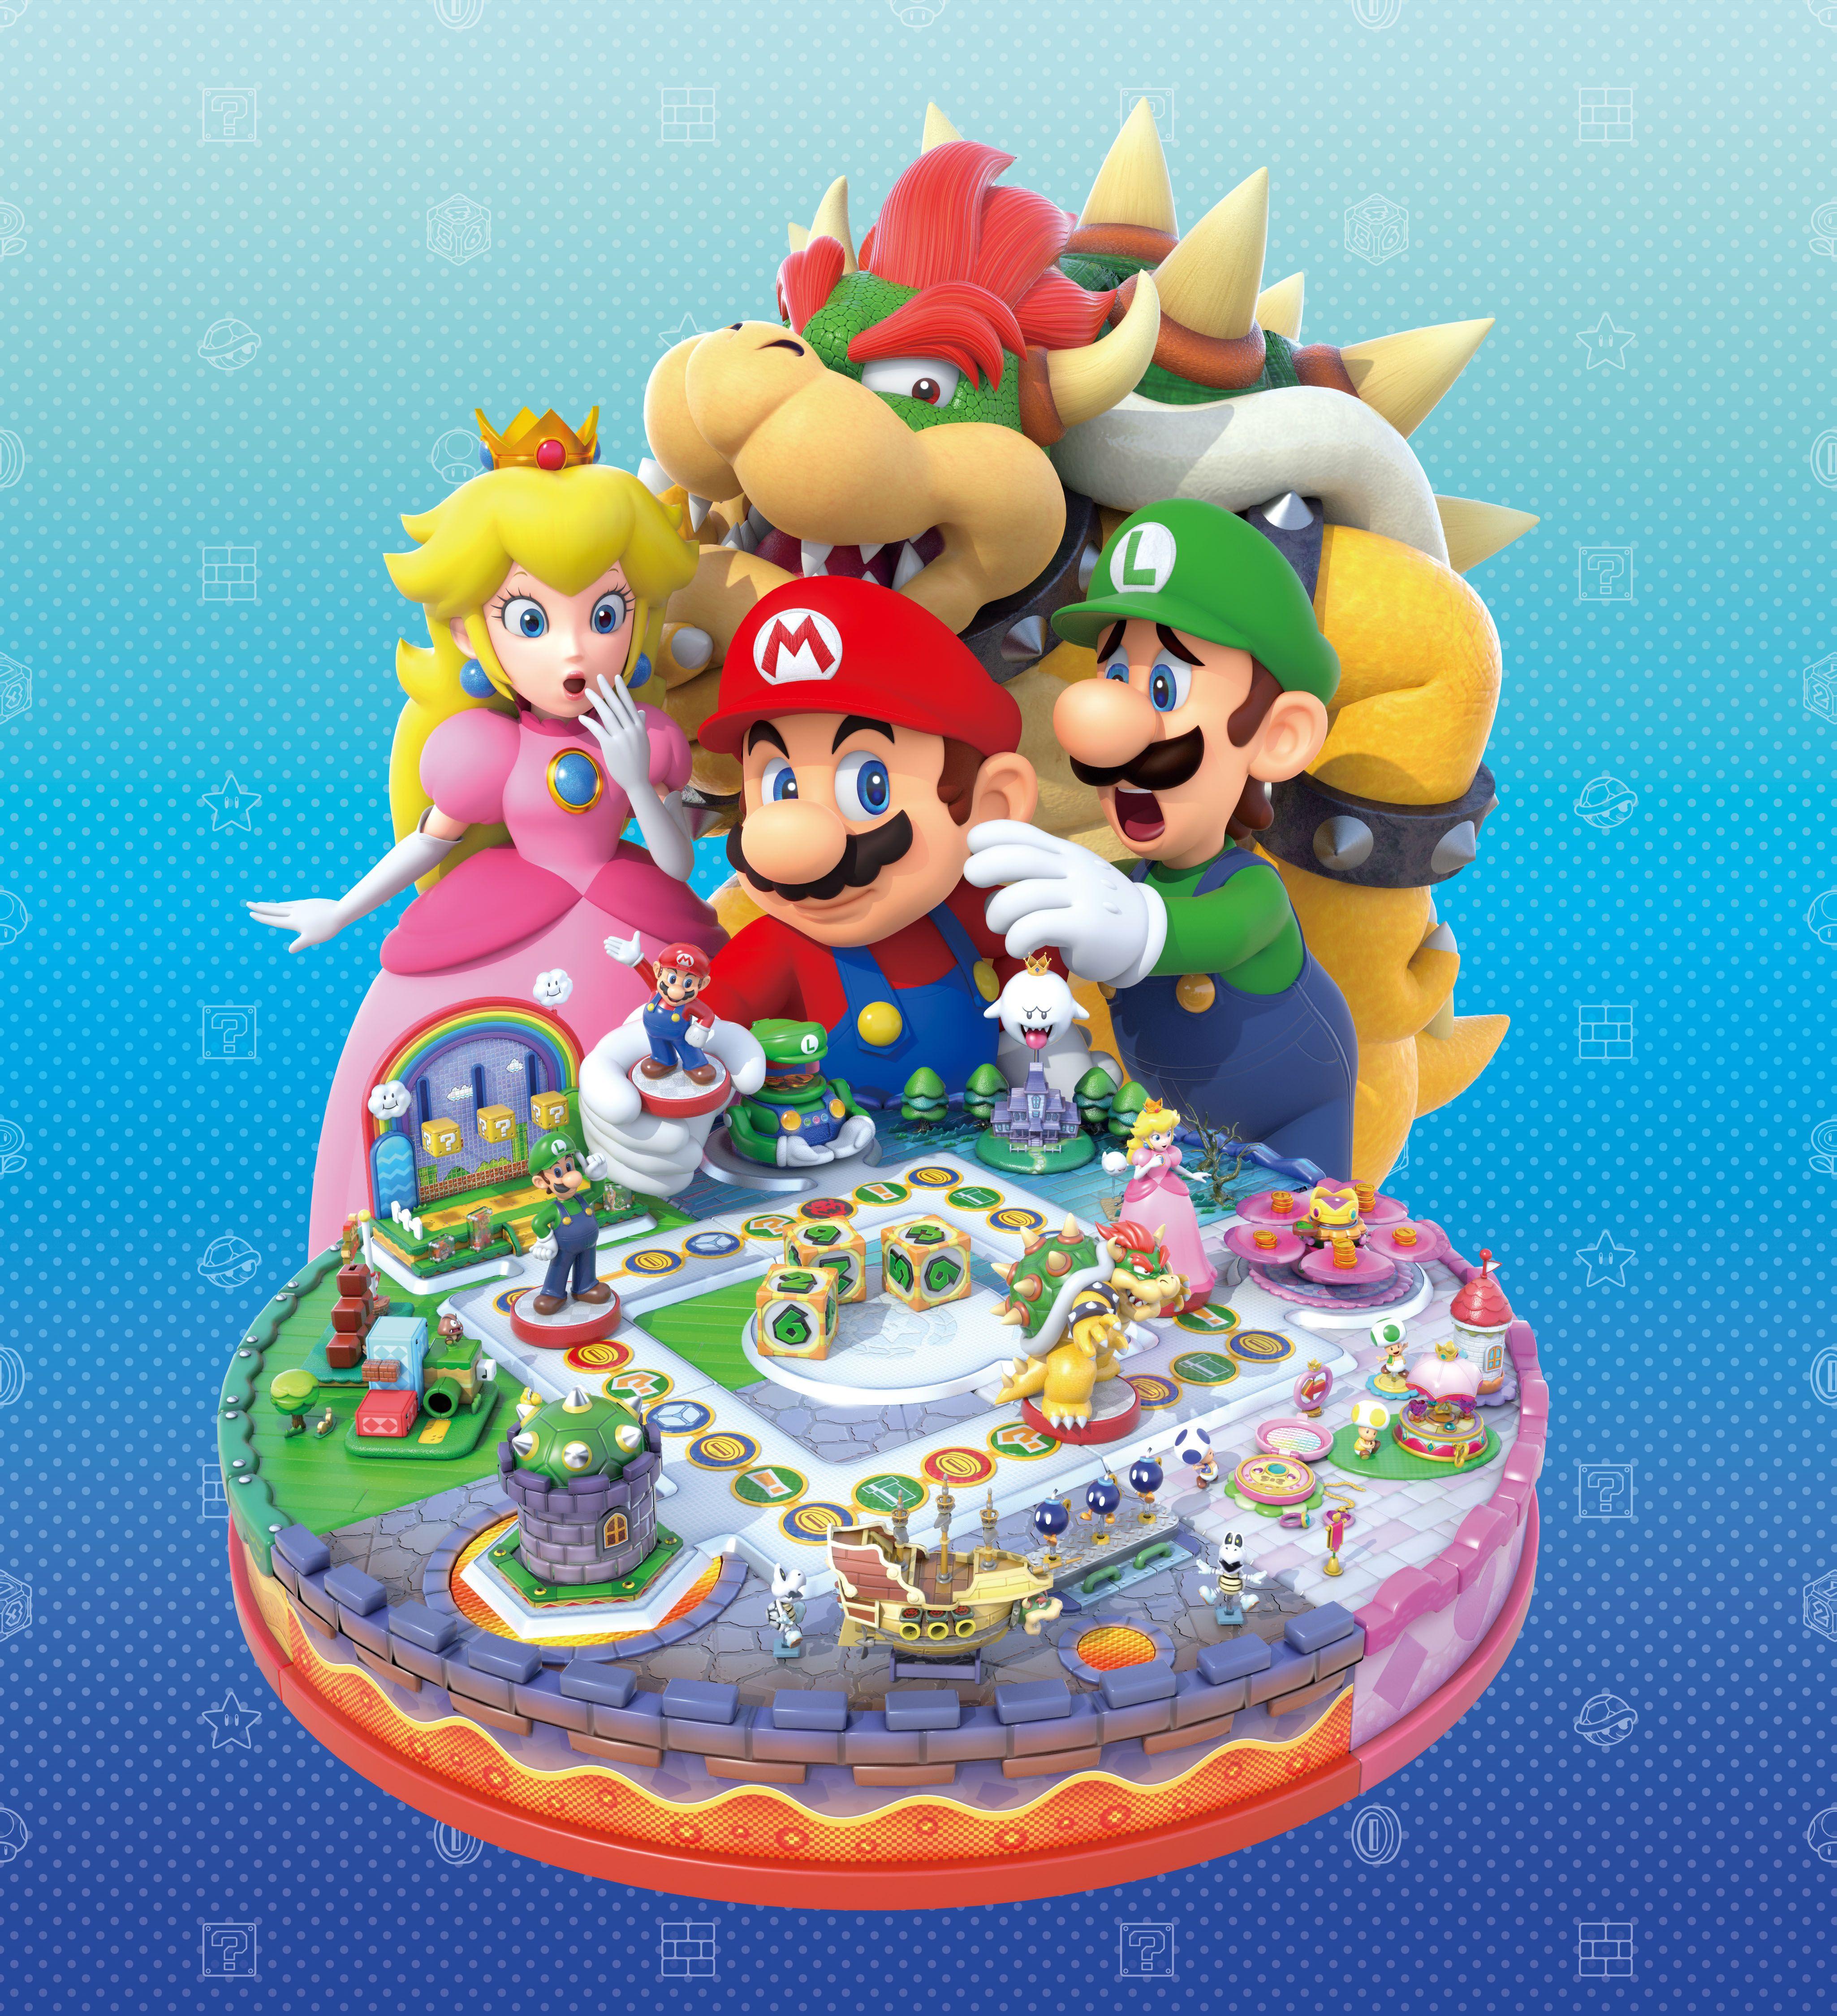 Amiibo Mario Party Mario Super Mario Bros